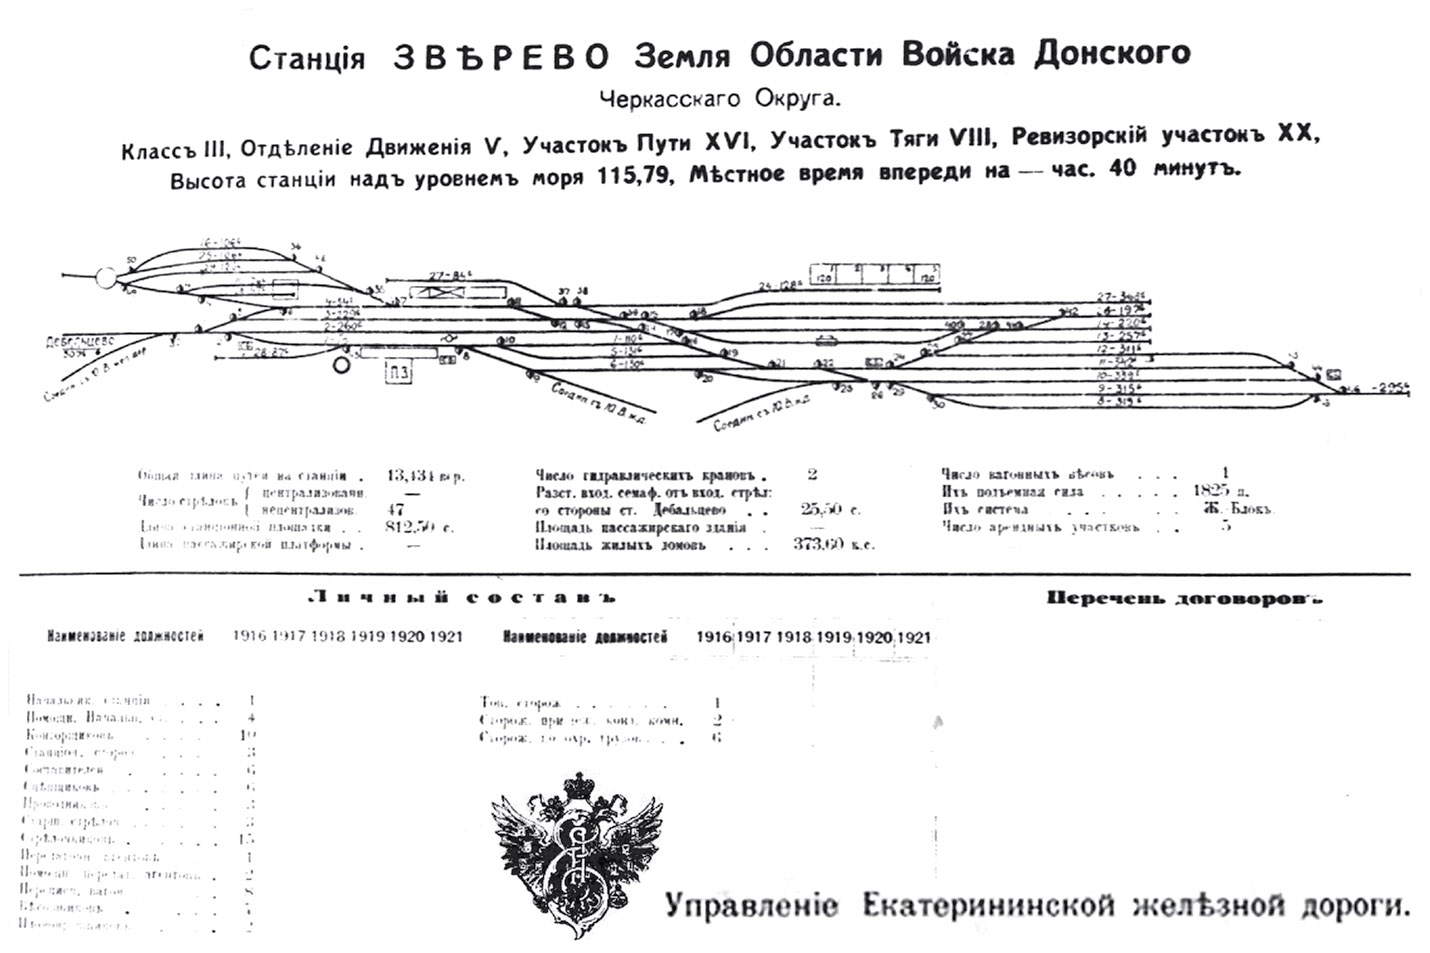 Схема станции Зверево Екатерининской ЖД. 1916 год